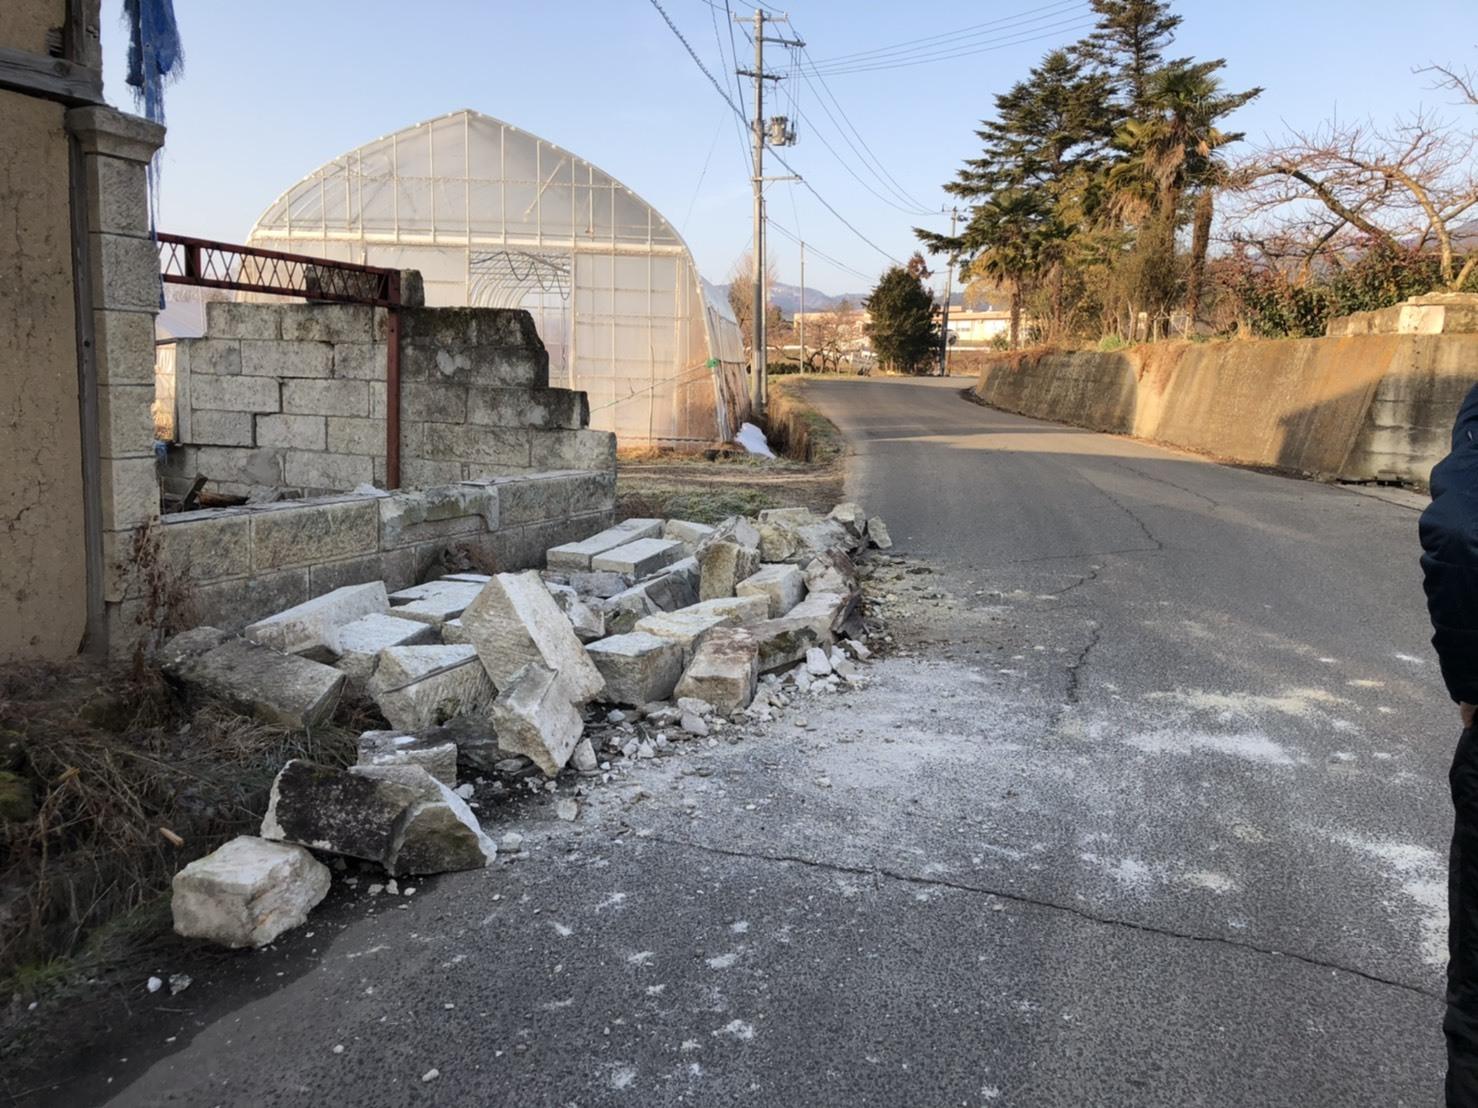 令和3年2月 福島県沖地震 災害支援 寄付